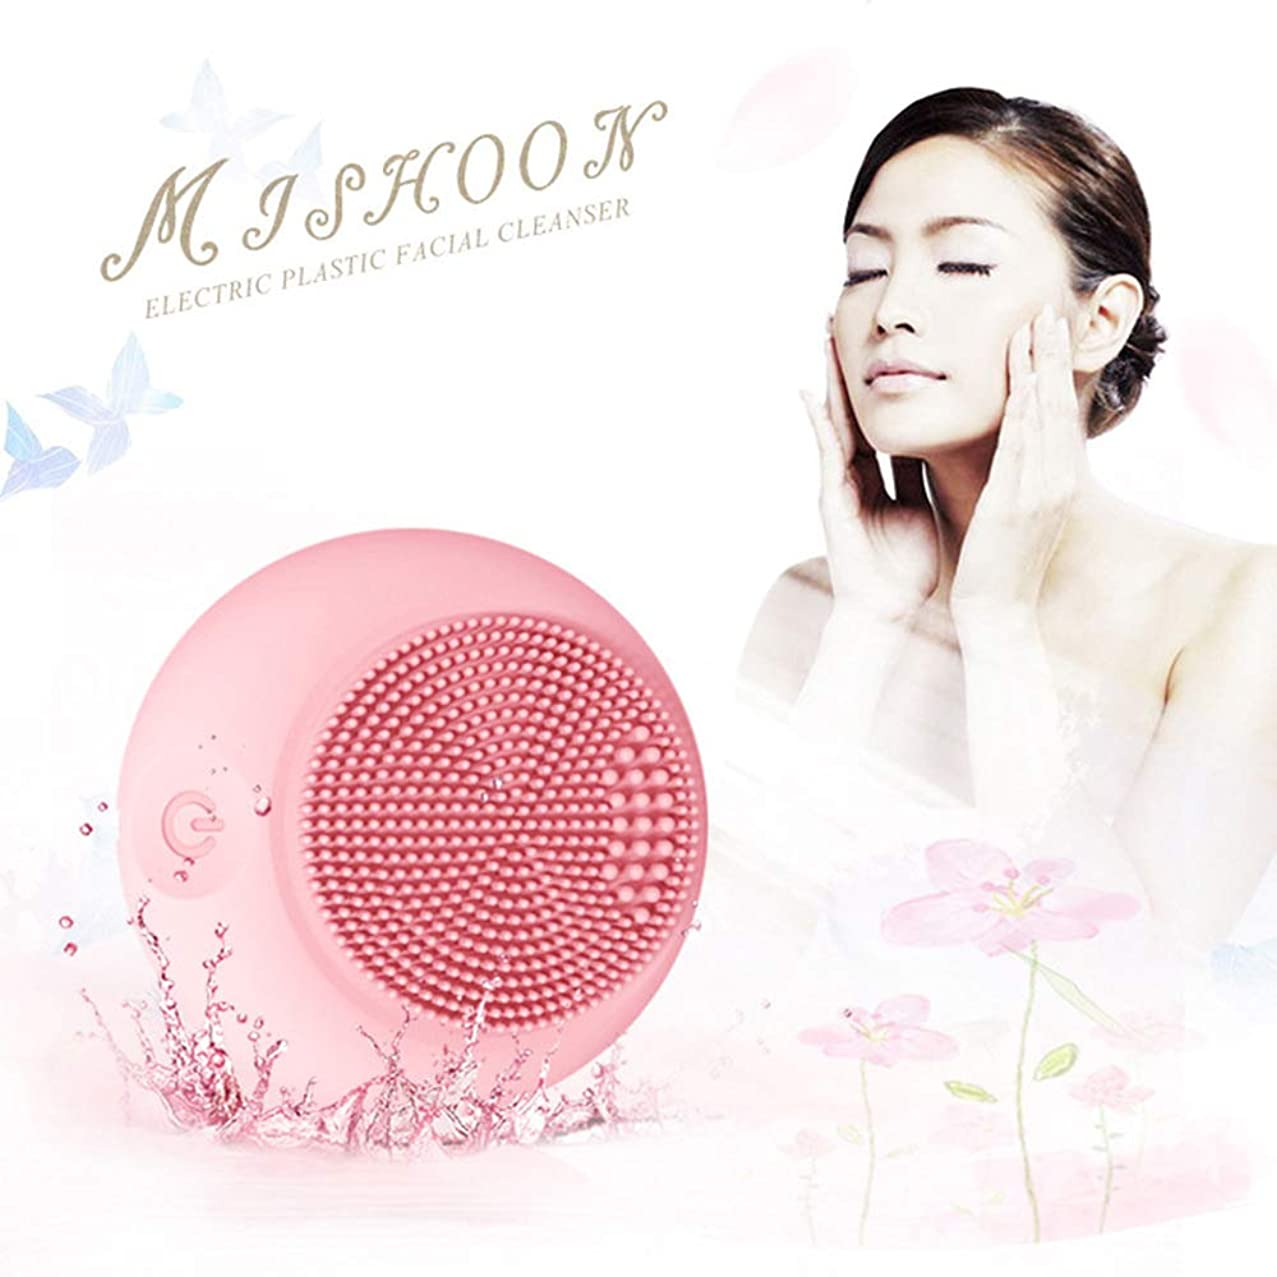 松明首相混合した洗顔ブラシシリコン、電動クリーニングブラシ-肌のクレンジングに役立ちます-クレンジングブラシ-すべての肌タイプの角質除去クレンジングブラシ-(ピンク)